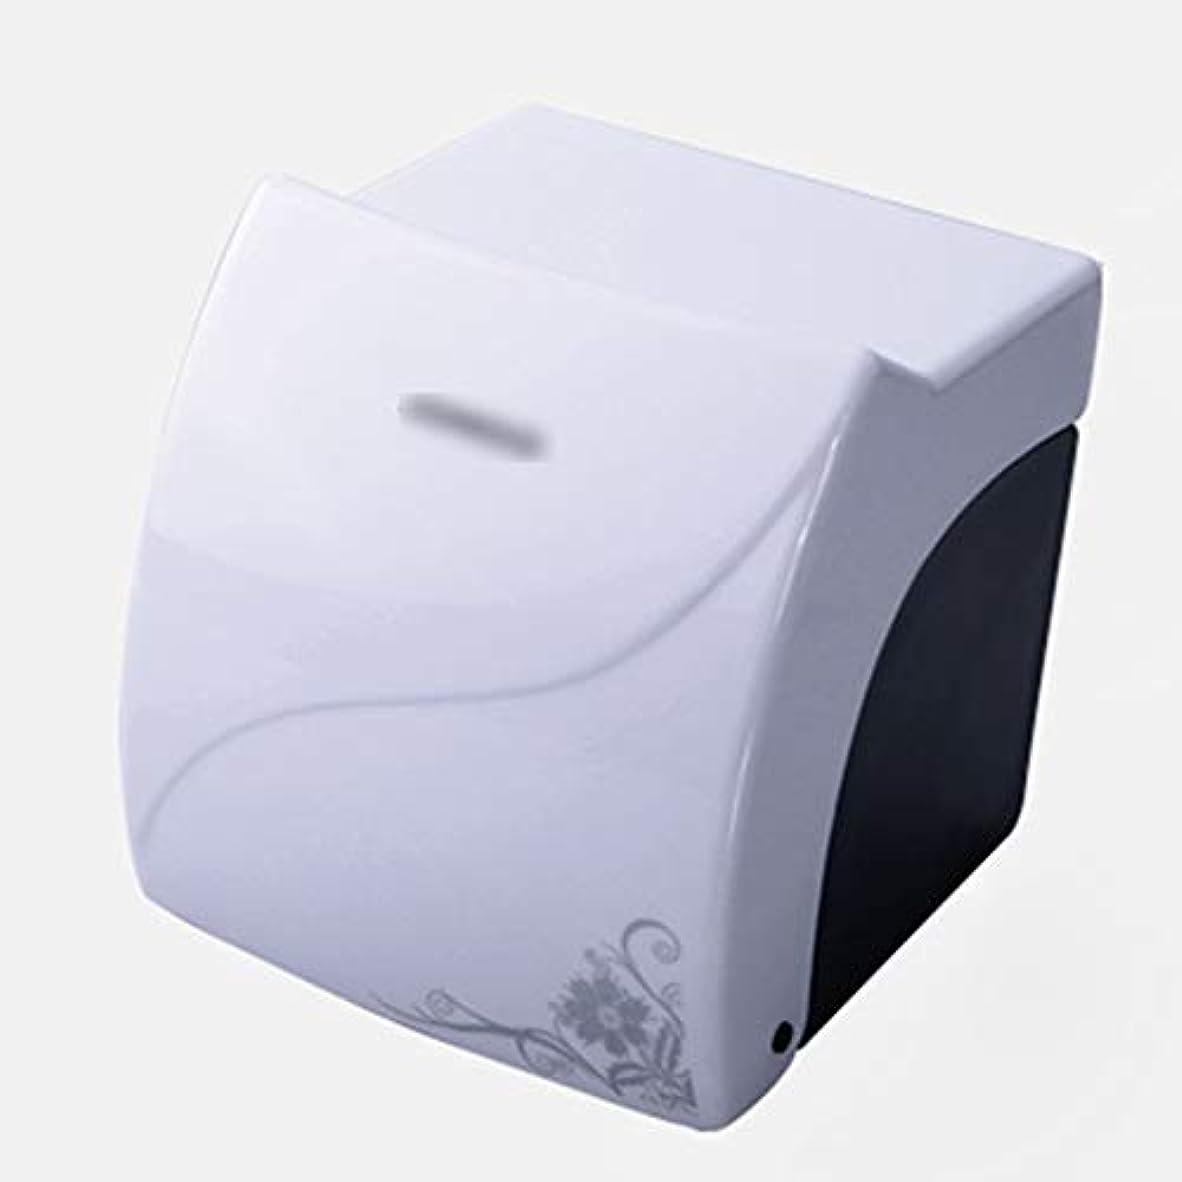 貼り直す生態学インテリアZZLX 紙タオルホルダー、高品質ABS防水ティッシュボックストイレットペーパーボックスペーパーホルダー ロングハンドル風呂ブラシ